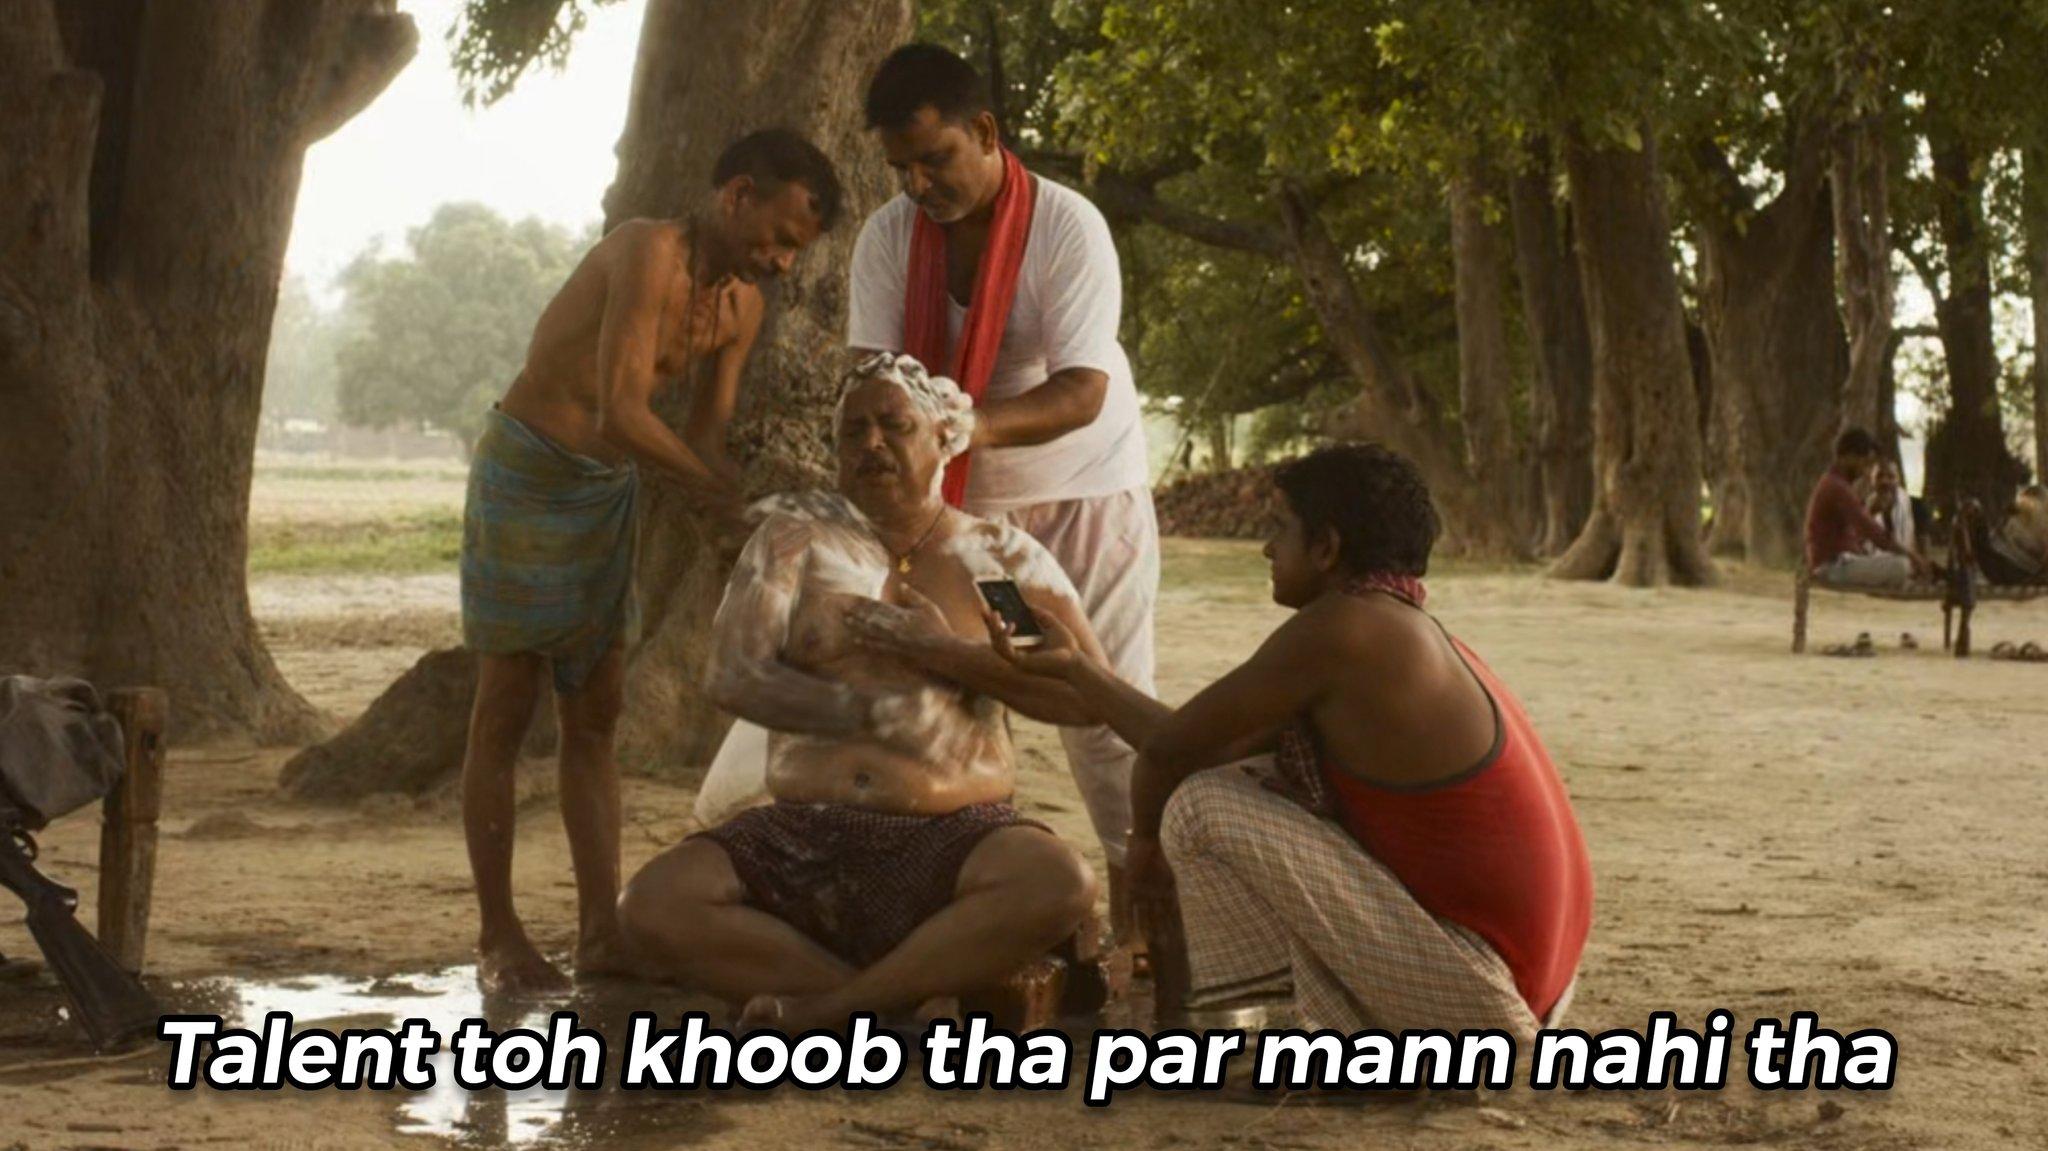 talent toh khoob tha par man nhi tha Mirzapur 2 meme template